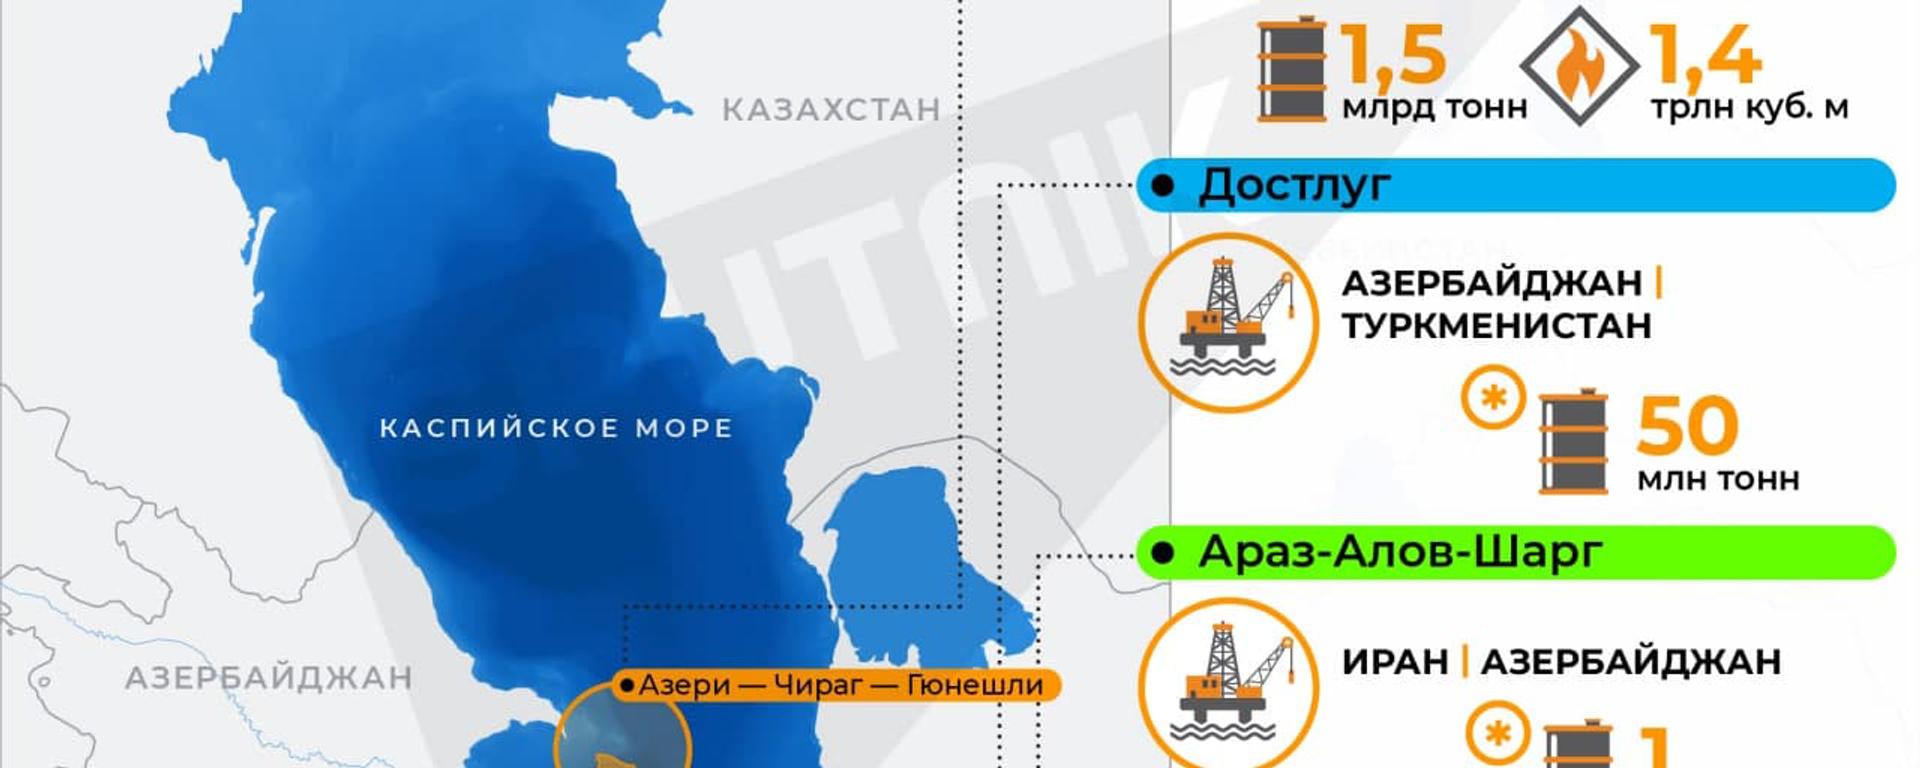 Инфографика: Итоги споров по принадлежности каспийских месторождений - Sputnik Азербайджан, 1920, 06.02.2021